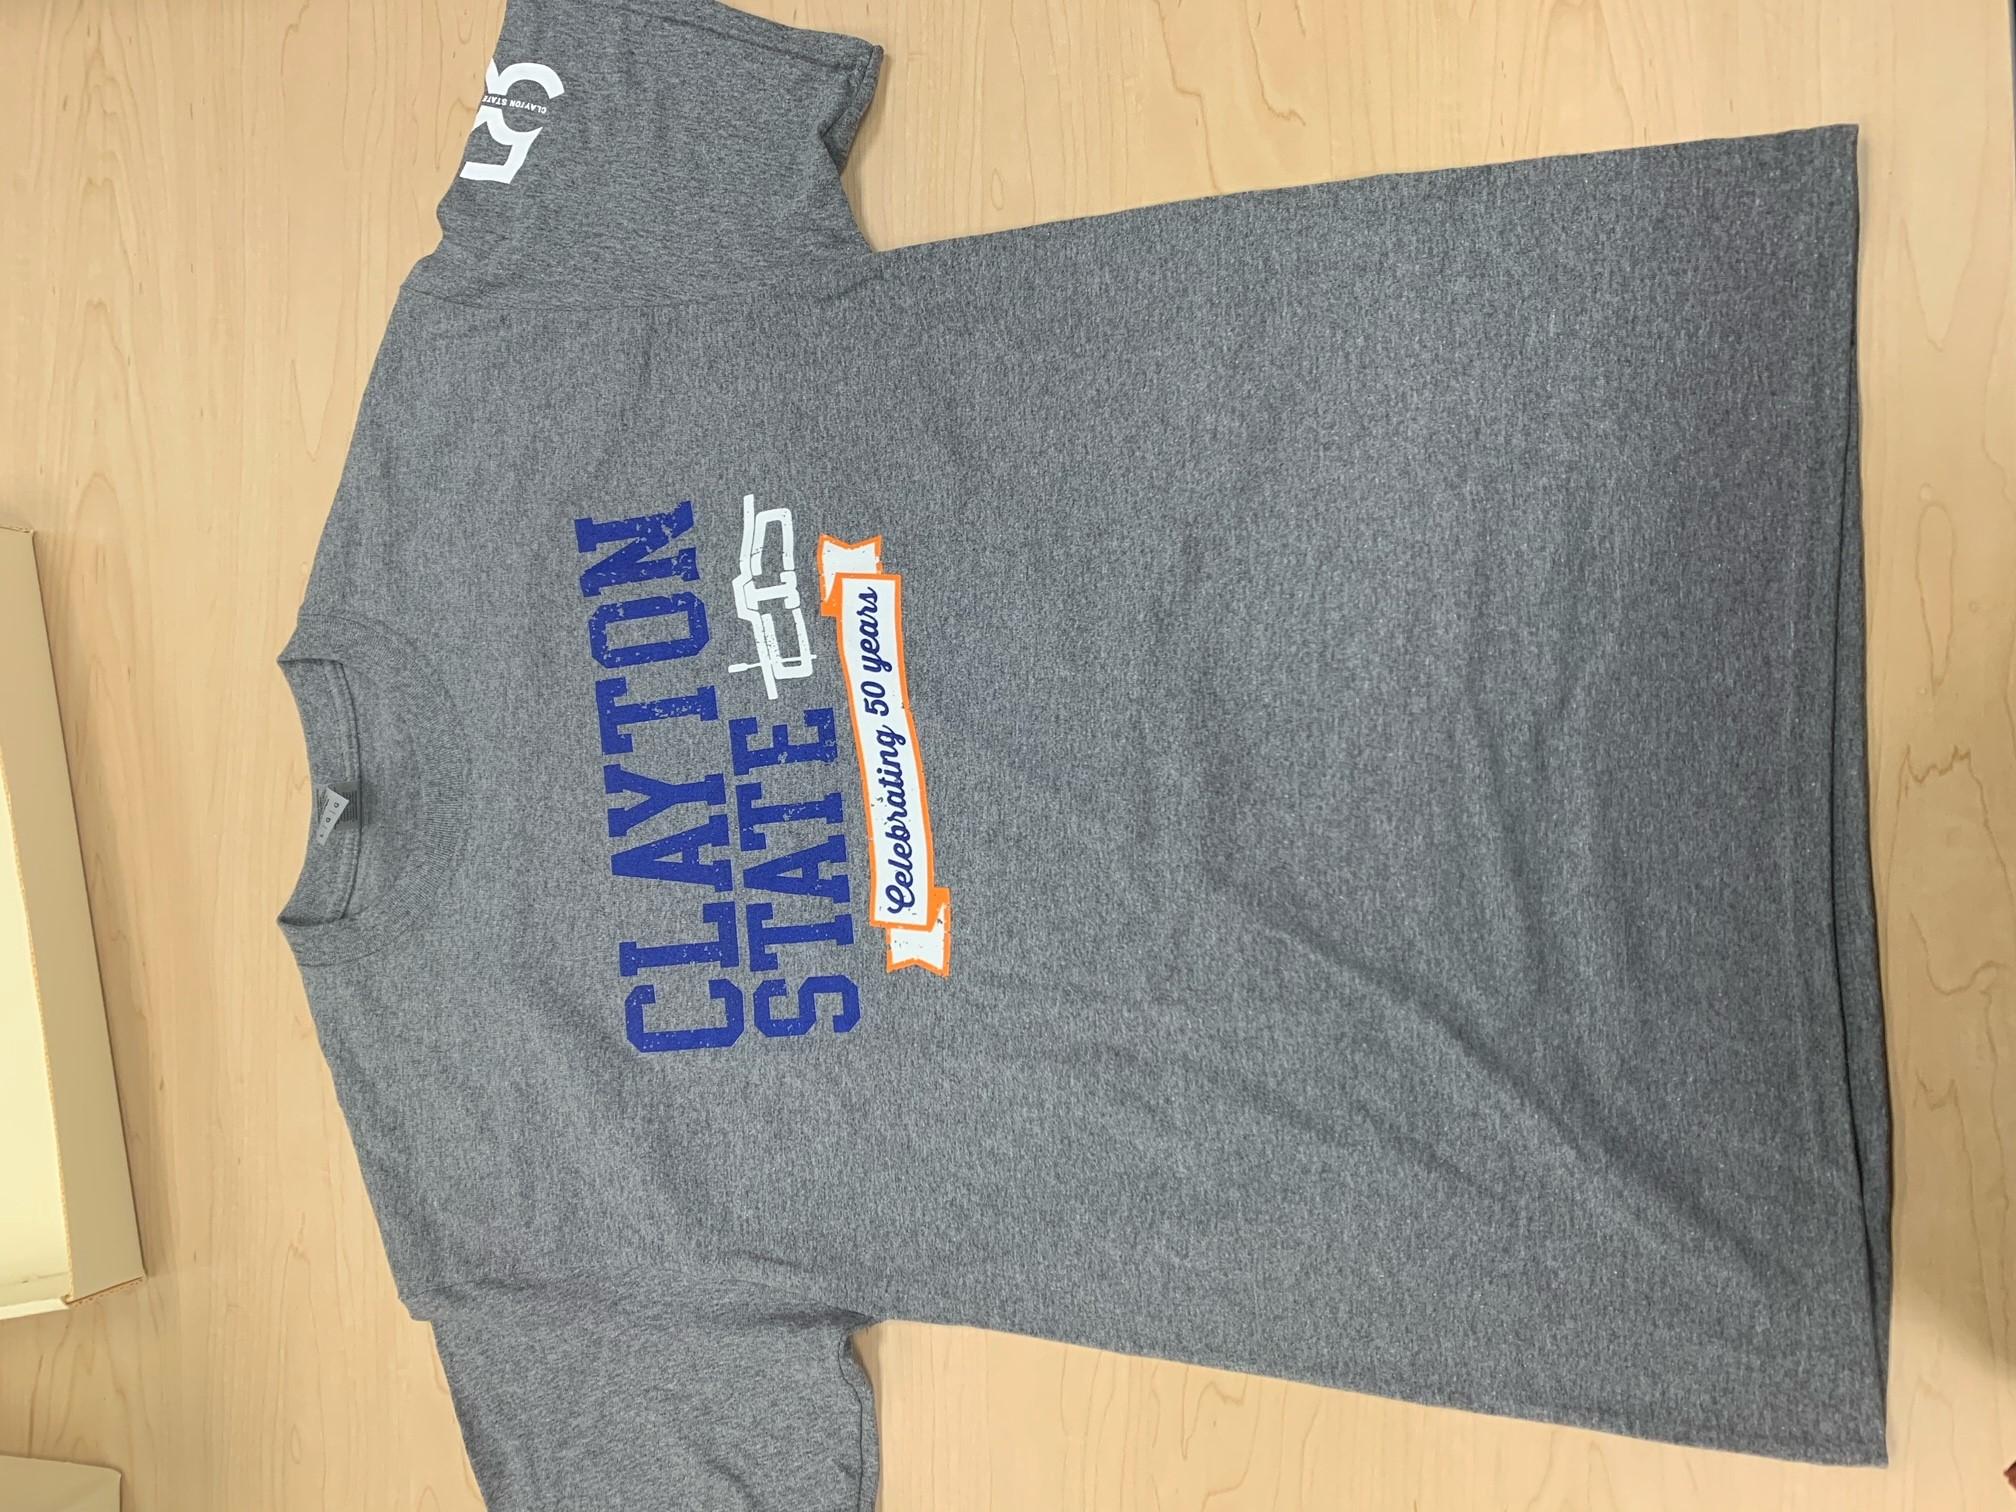 Clayton State 50th Anniversary Tee-shirt